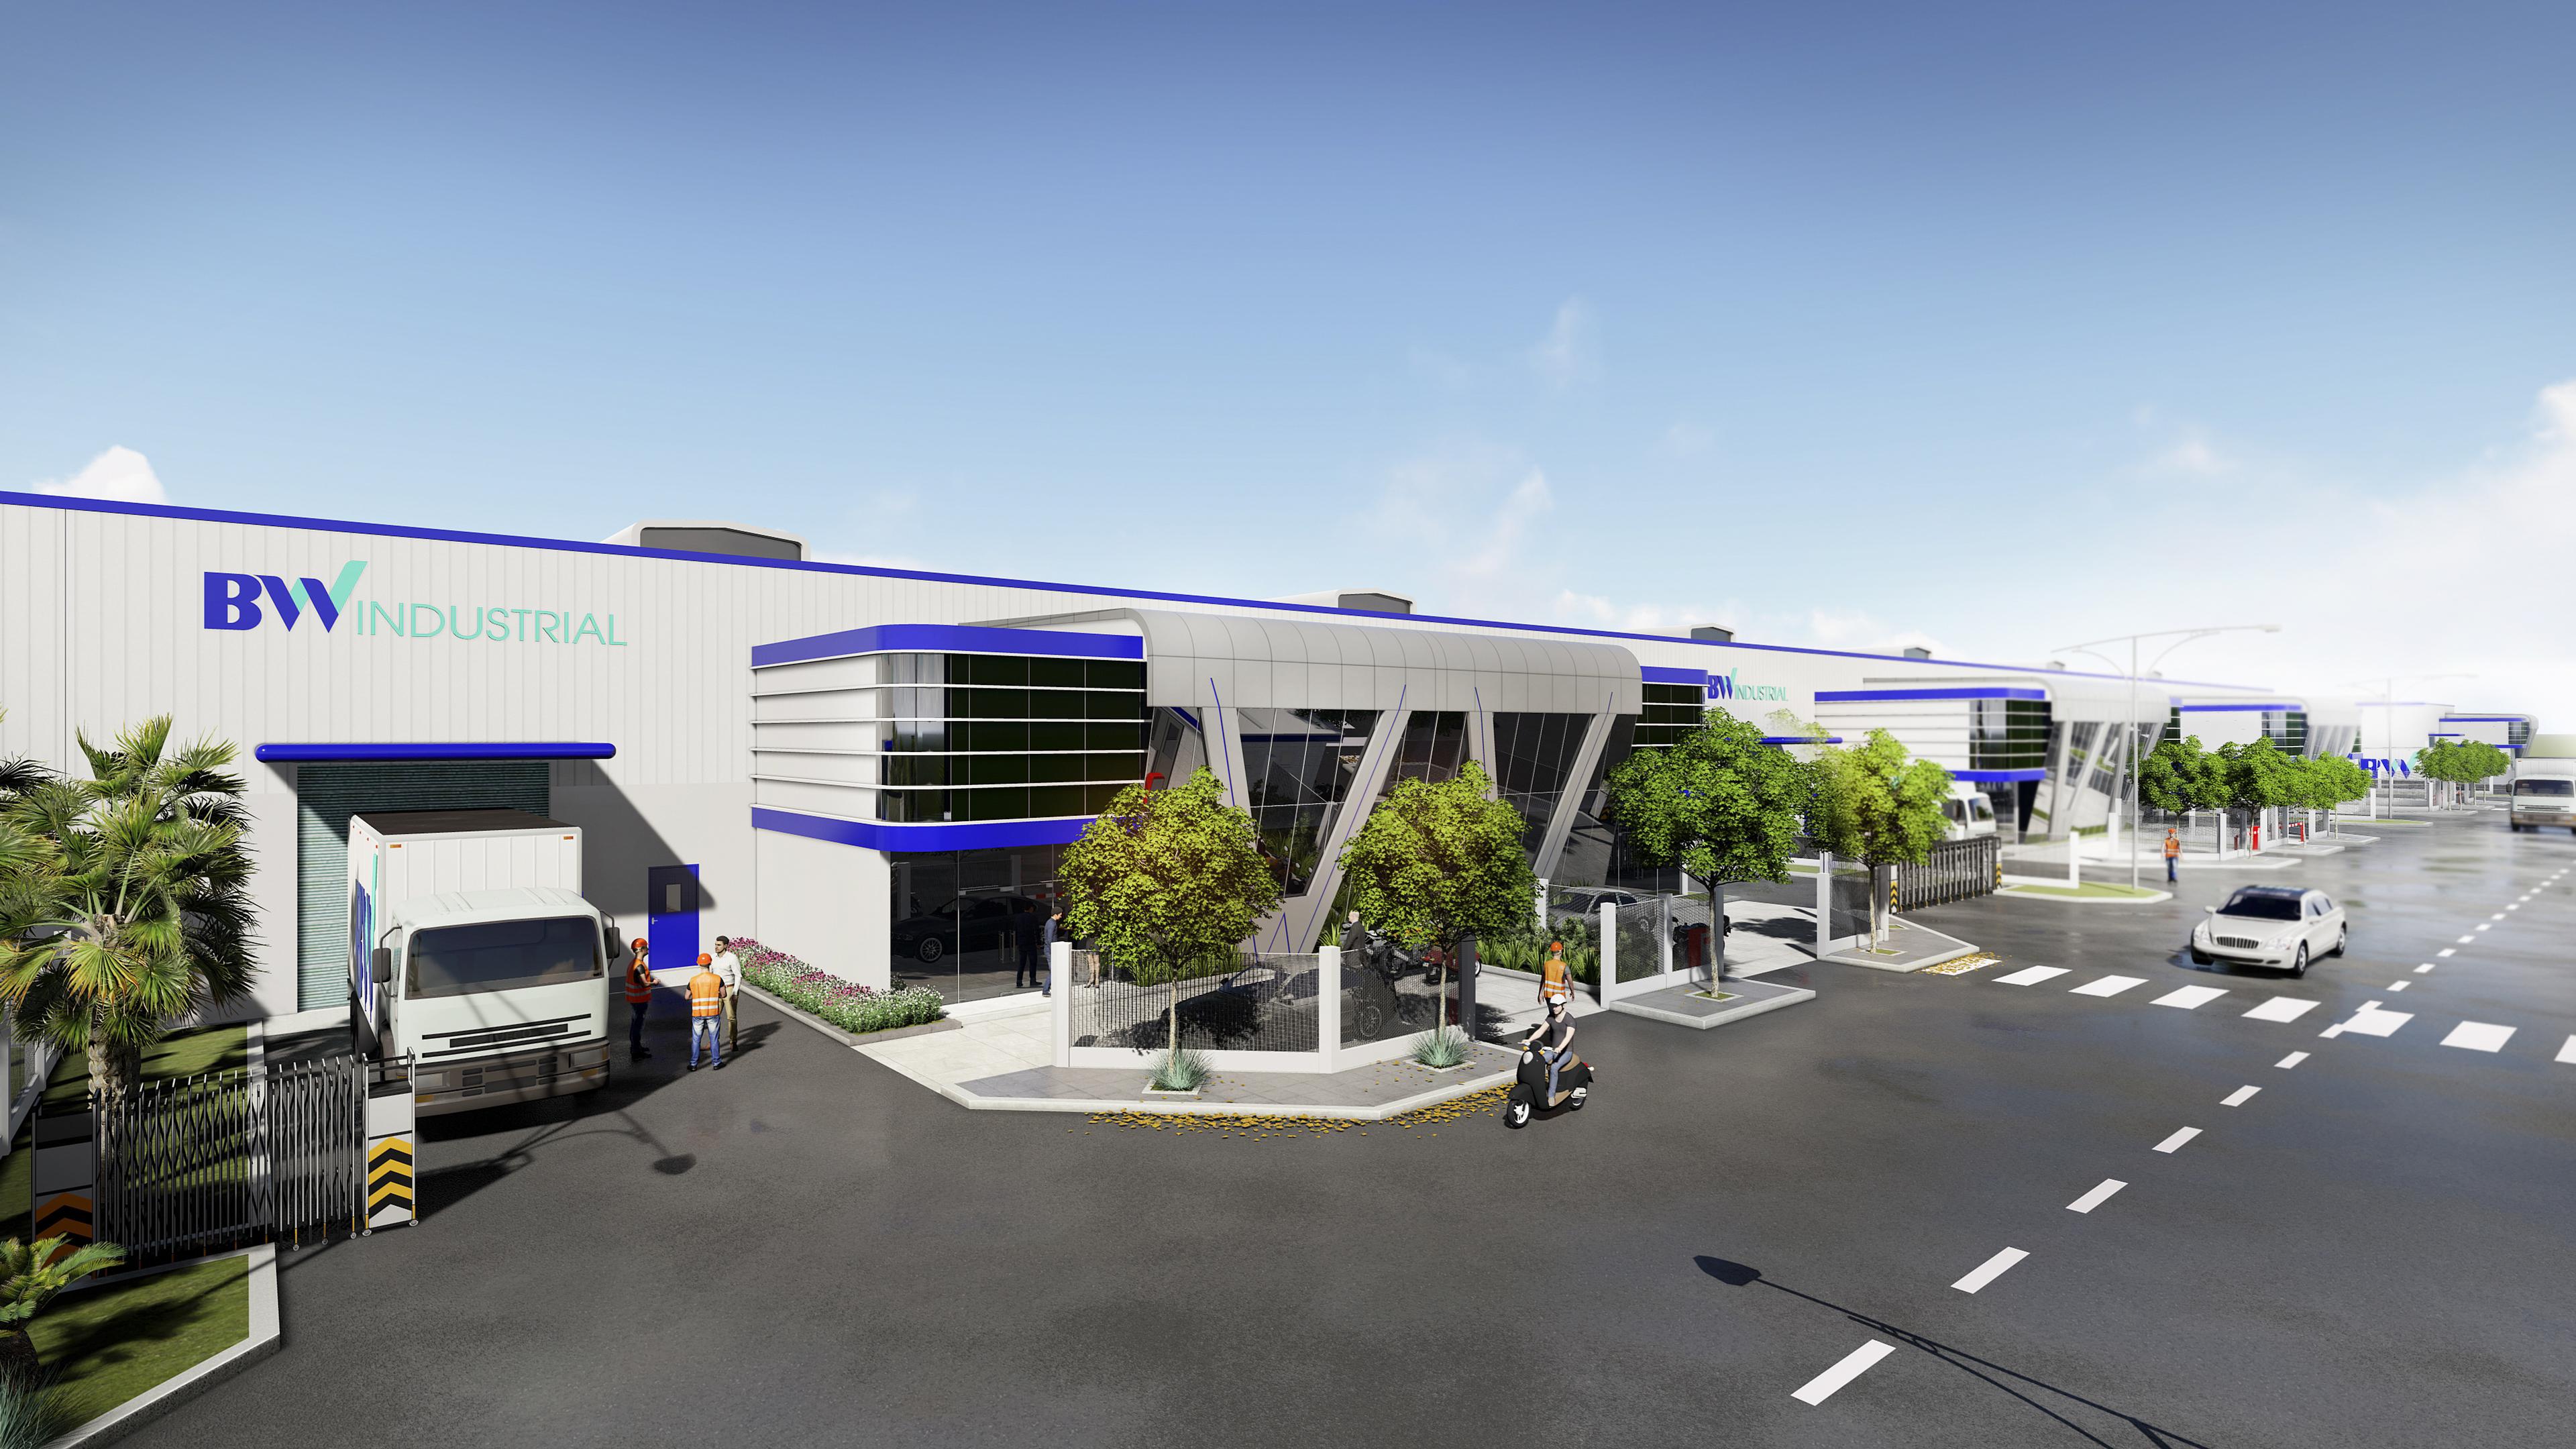 Nhà Xưởng cho thuê tại Mỹ Phước (Bình Dương) – Tiêu chuẩn quốc tế